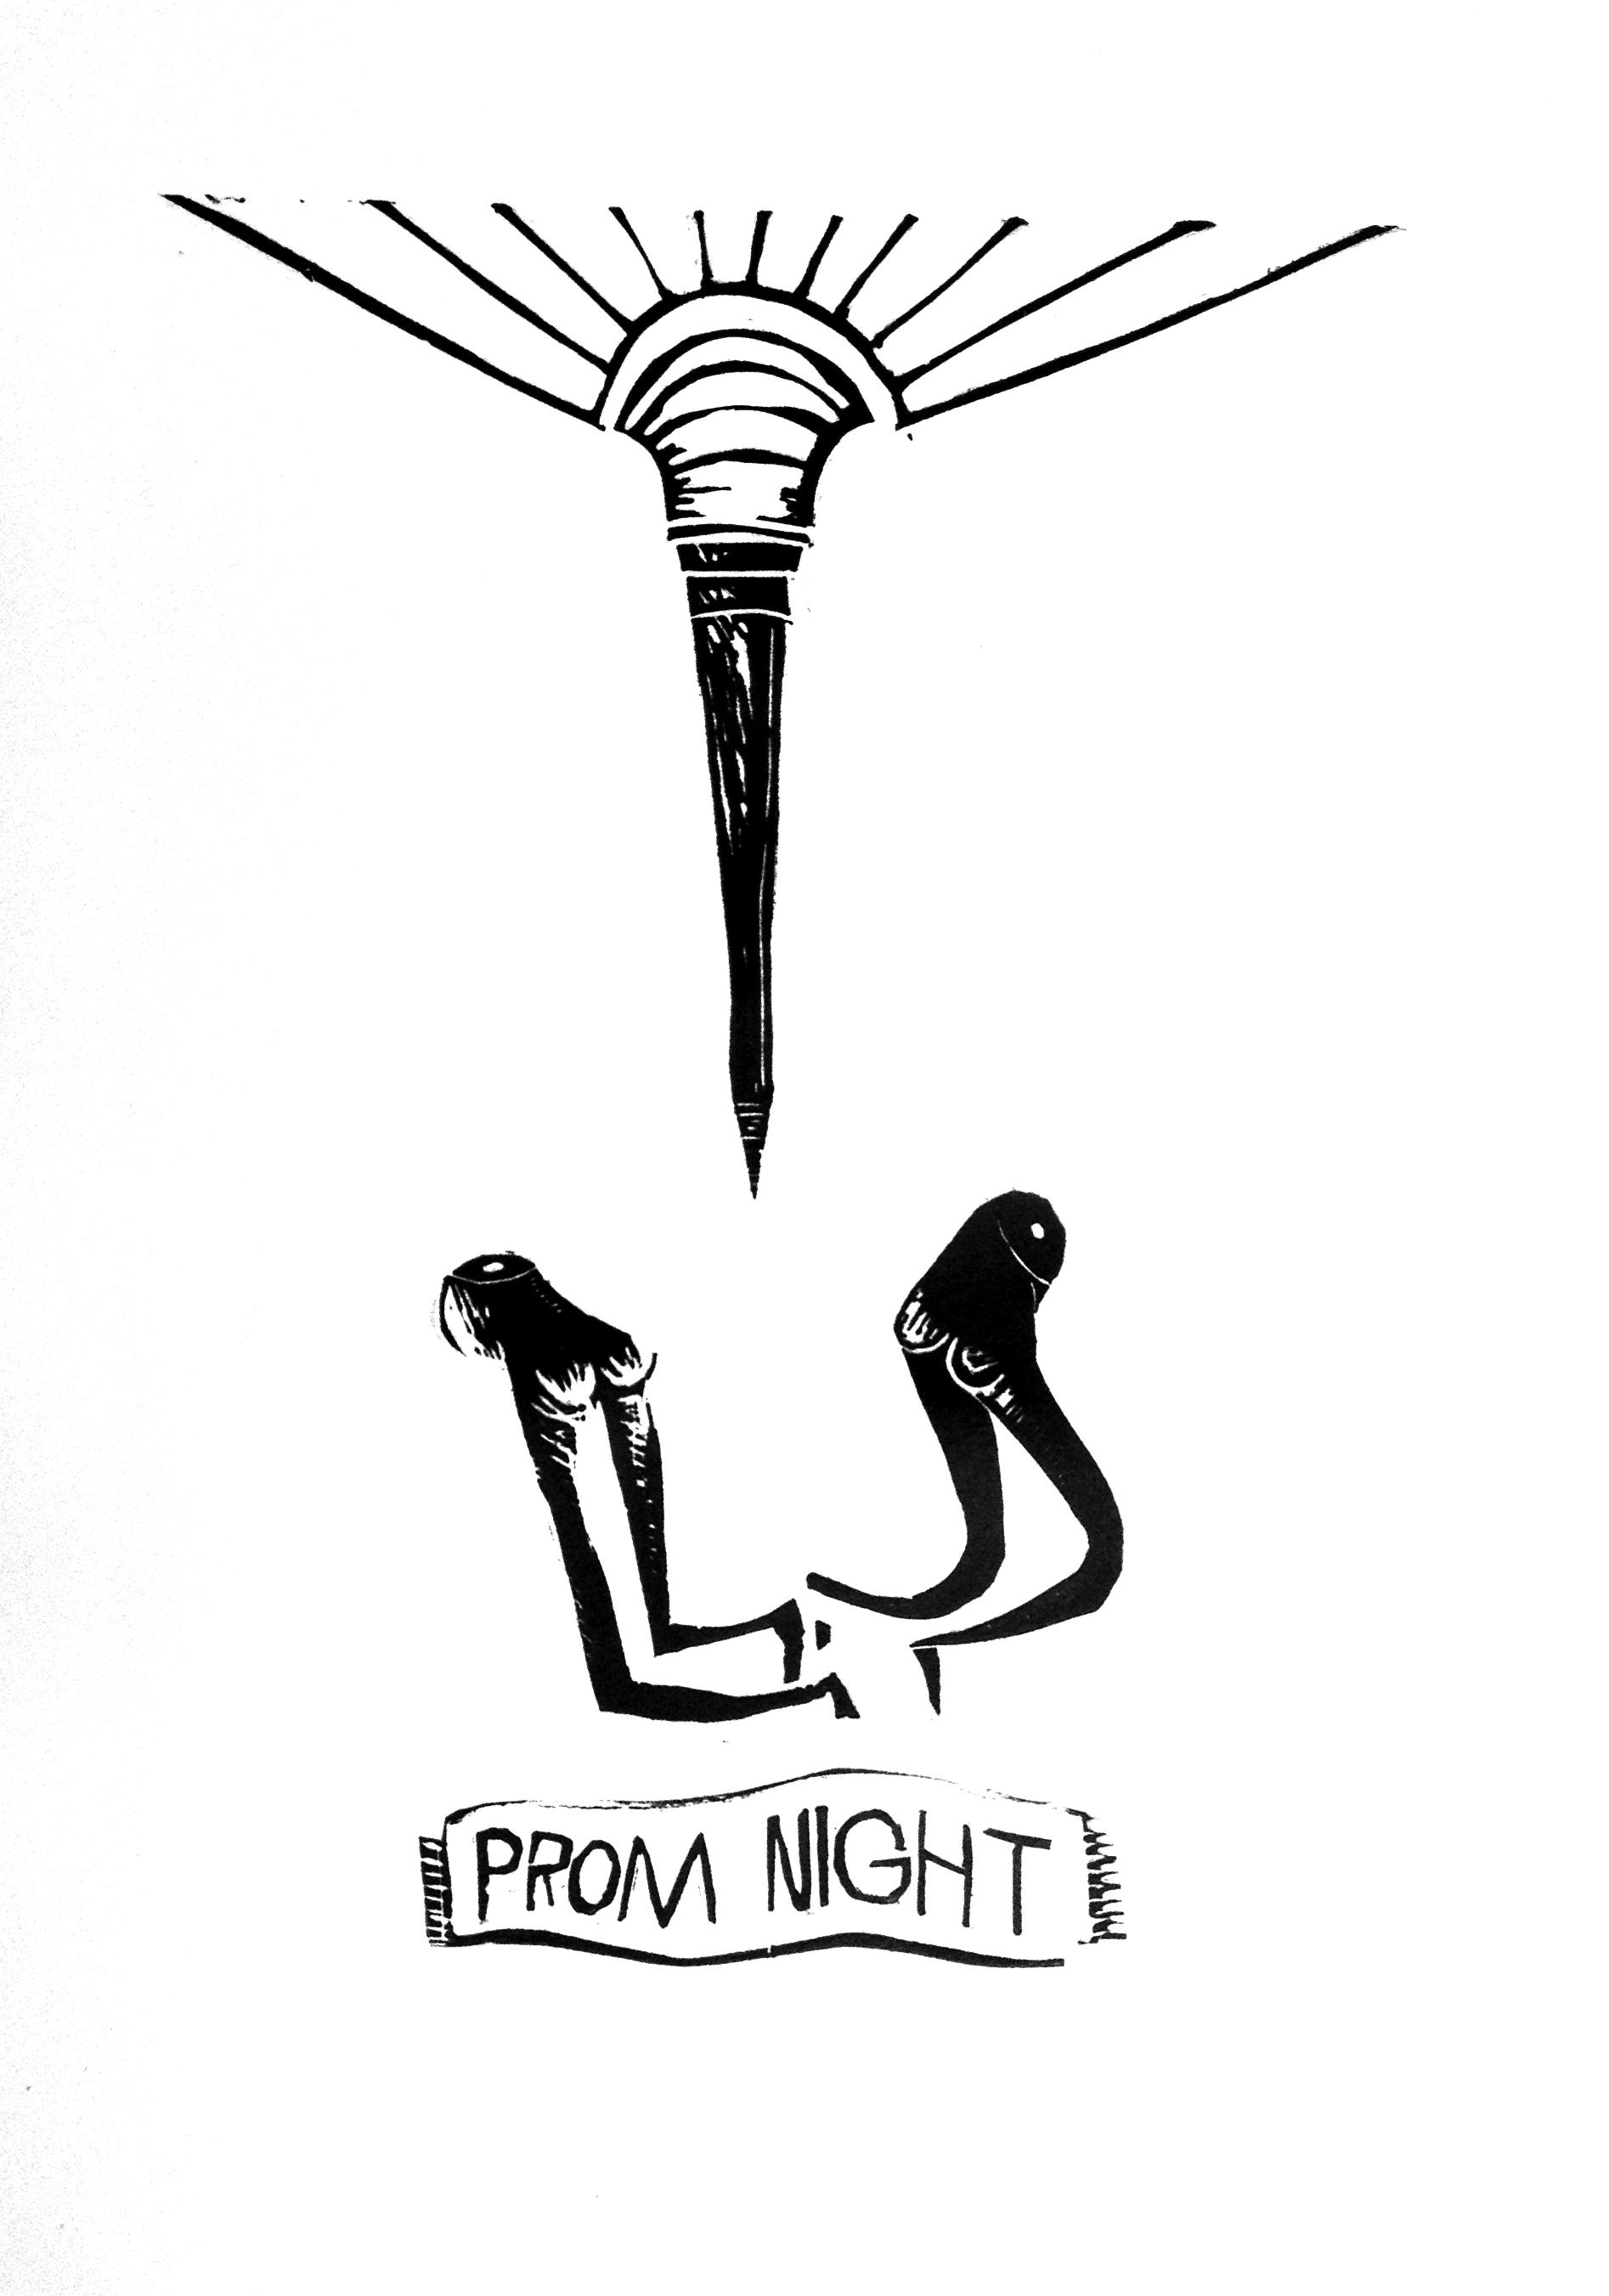 Prom Night, 2013, linoleum block print